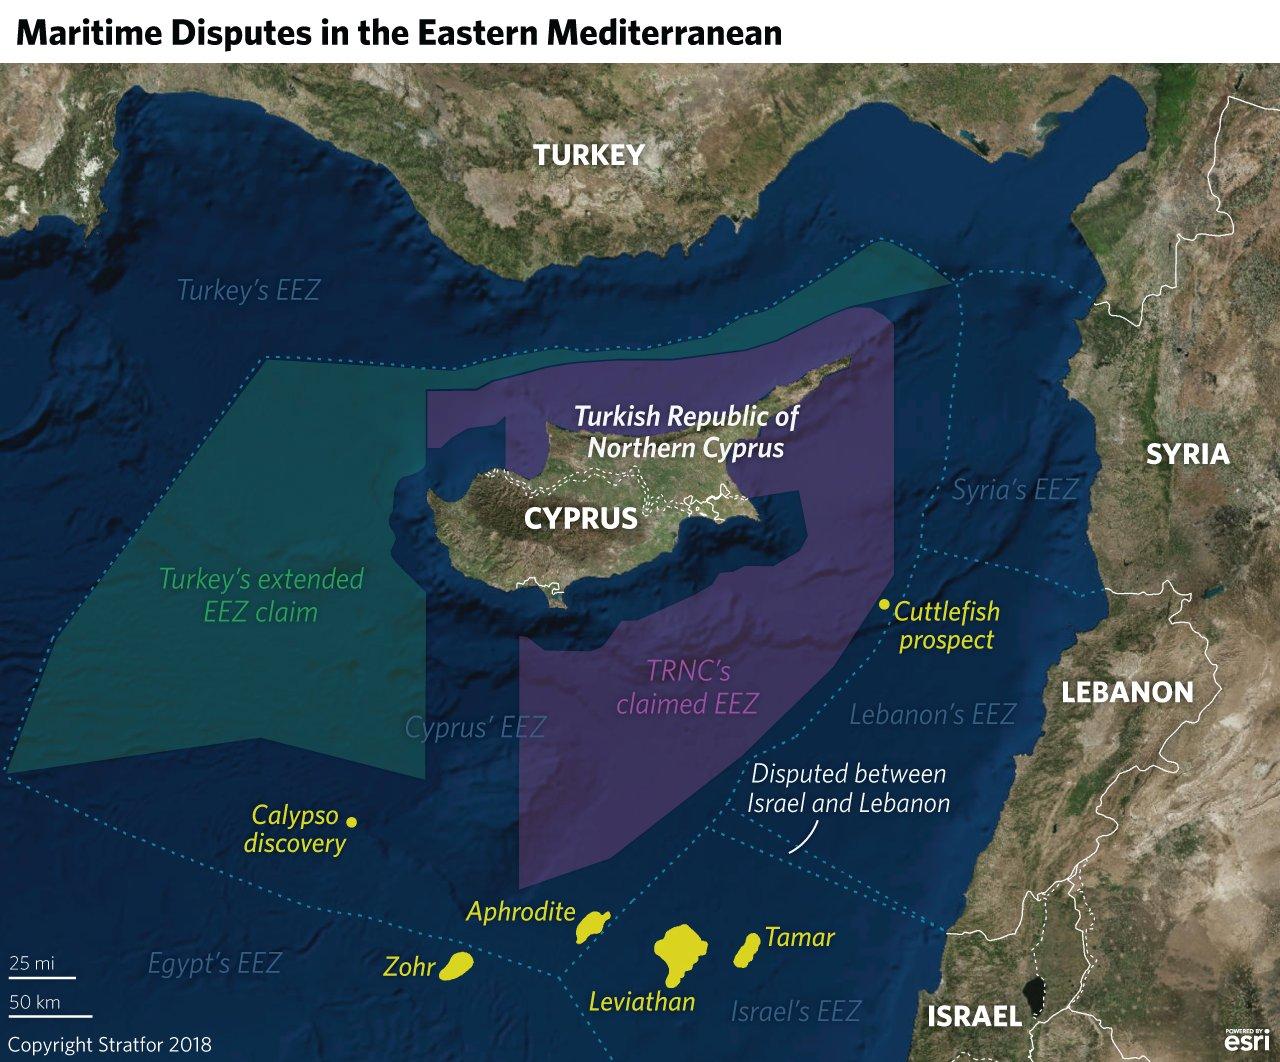 Nároky jednotlivých zemí v středomořské oblasti Kypru